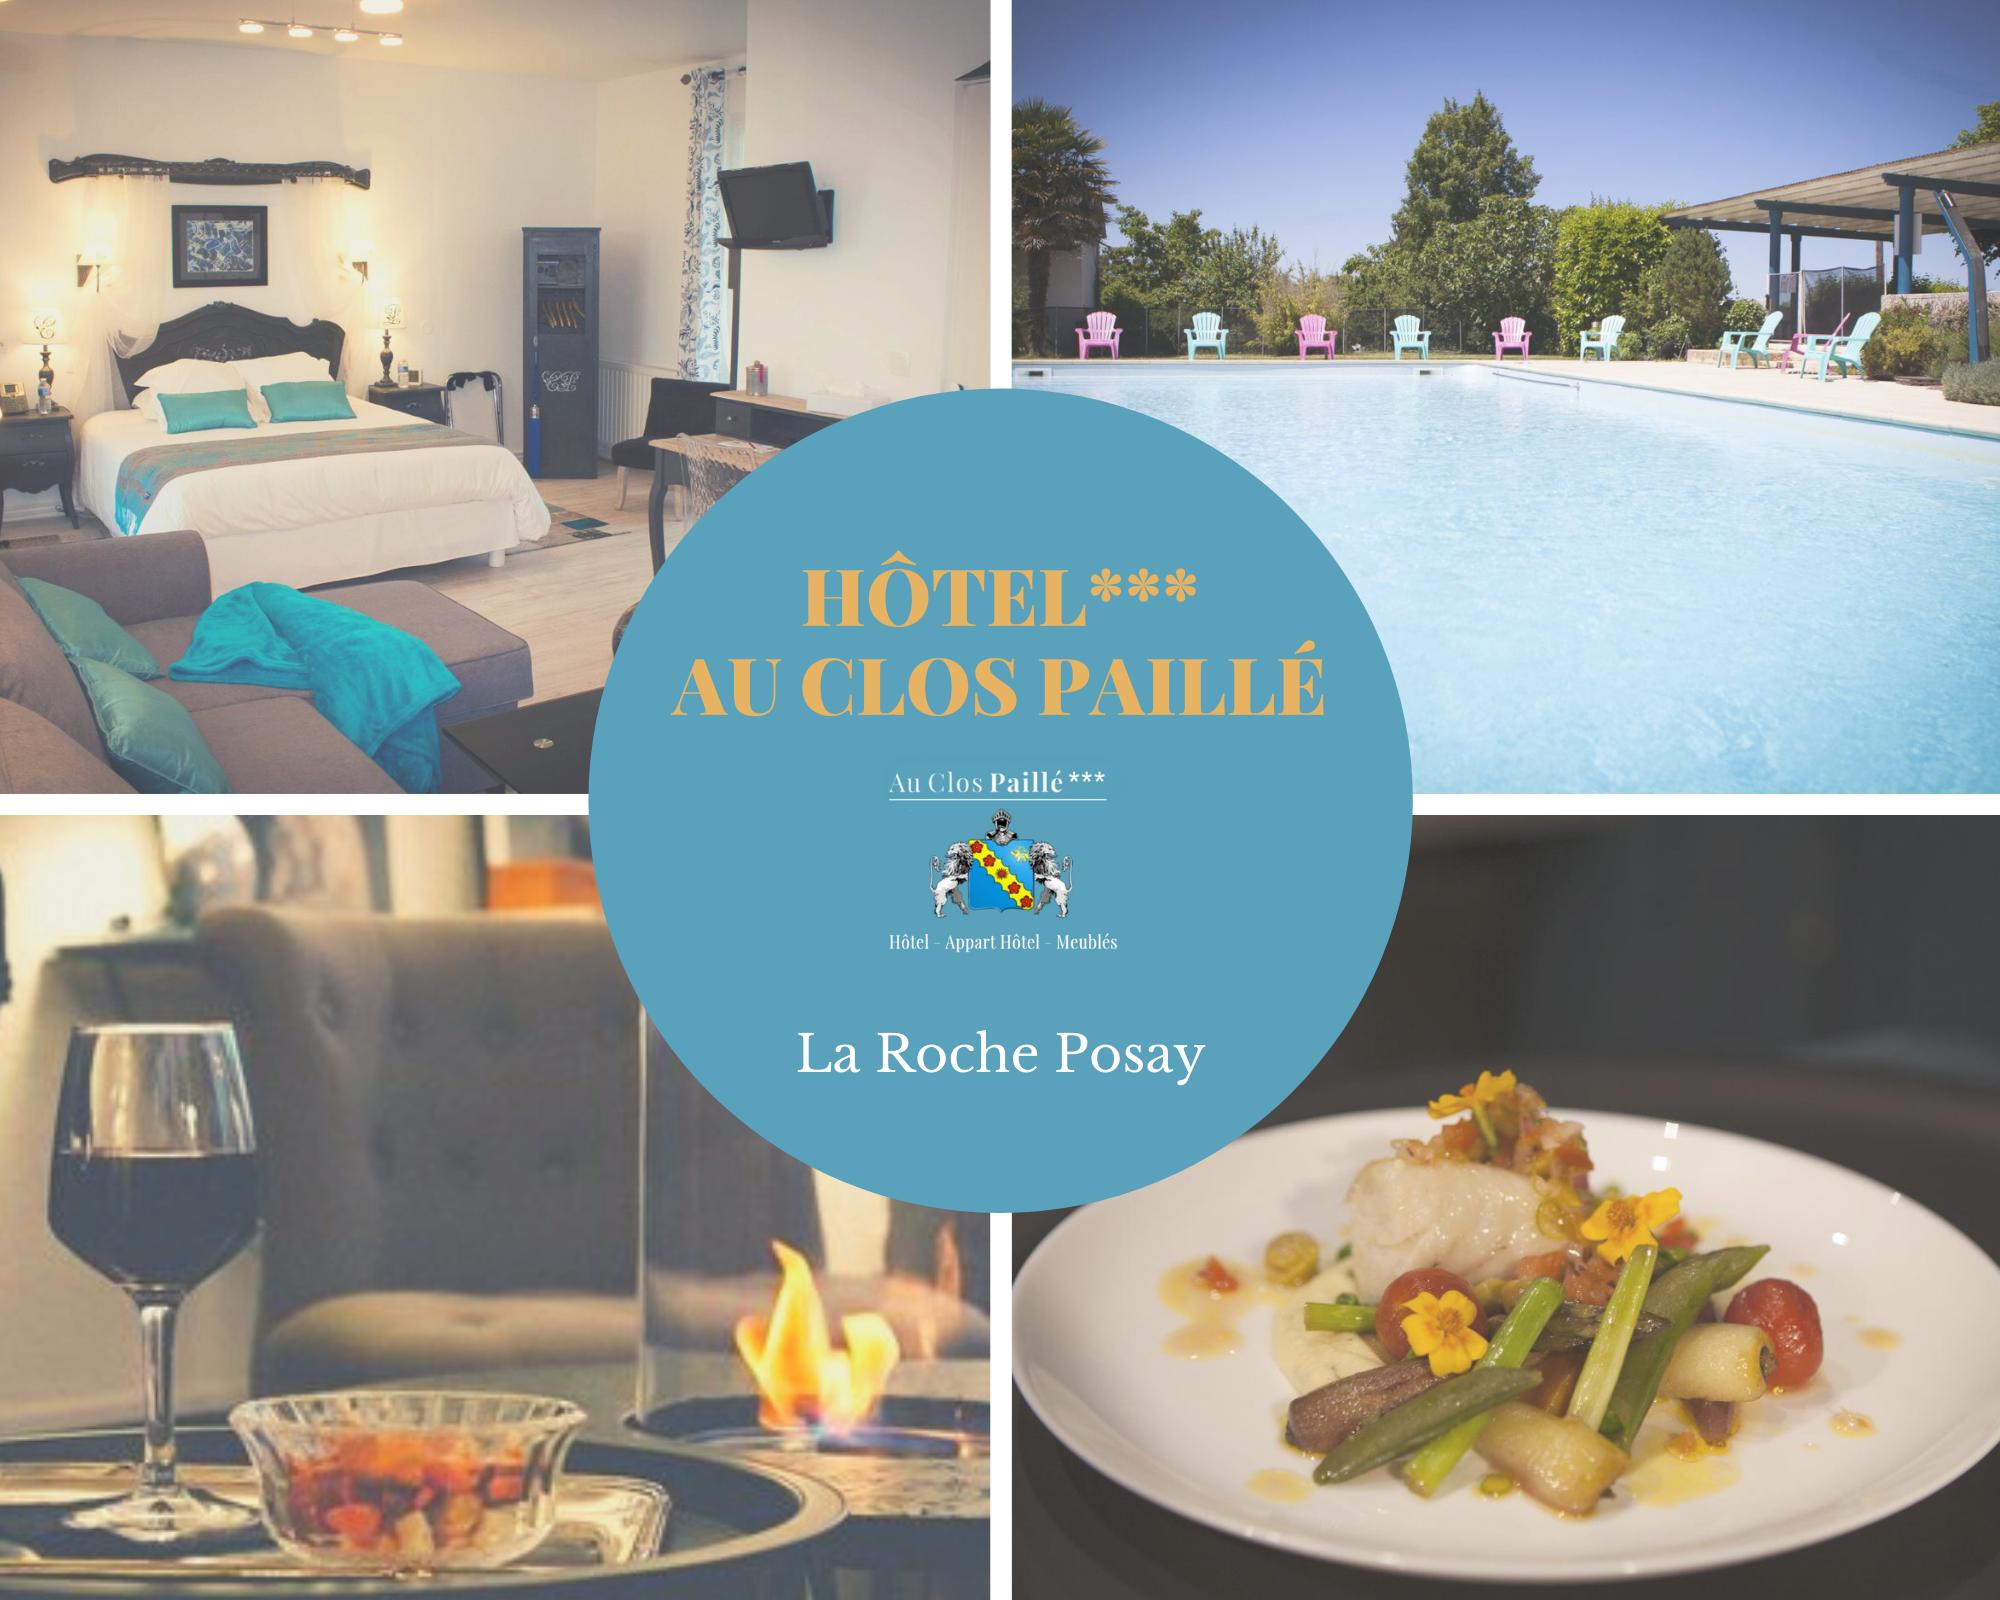 Hotel-La Roche Posay - Au Clos Paillé